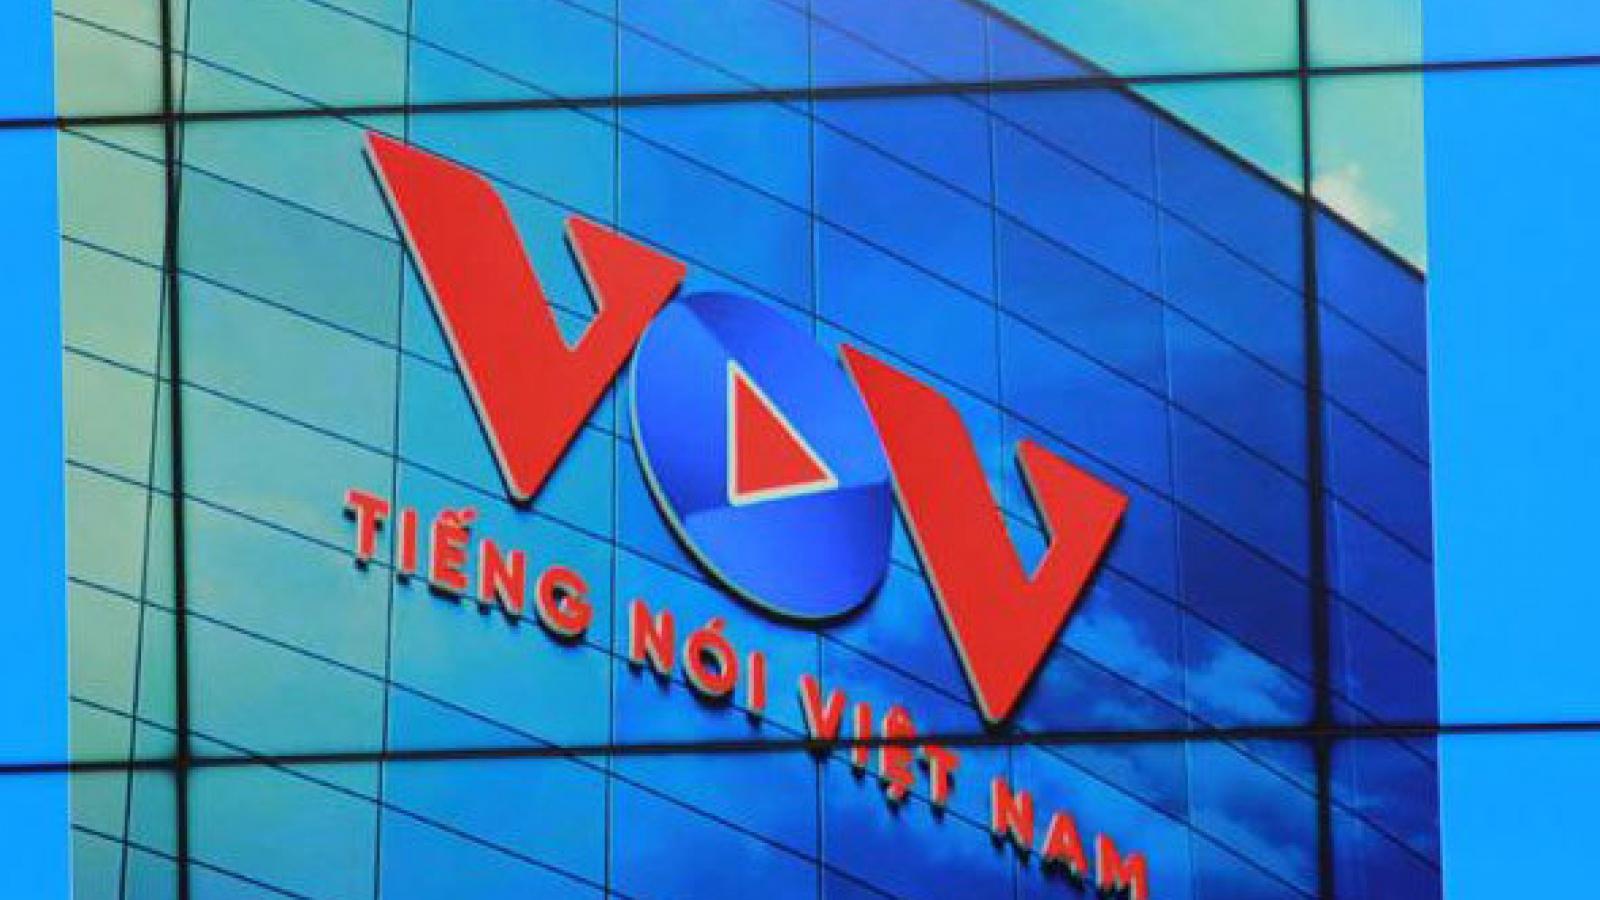 Kiên quyết xử lý các hành vi vi phạm bản quyền nội dung của VOV